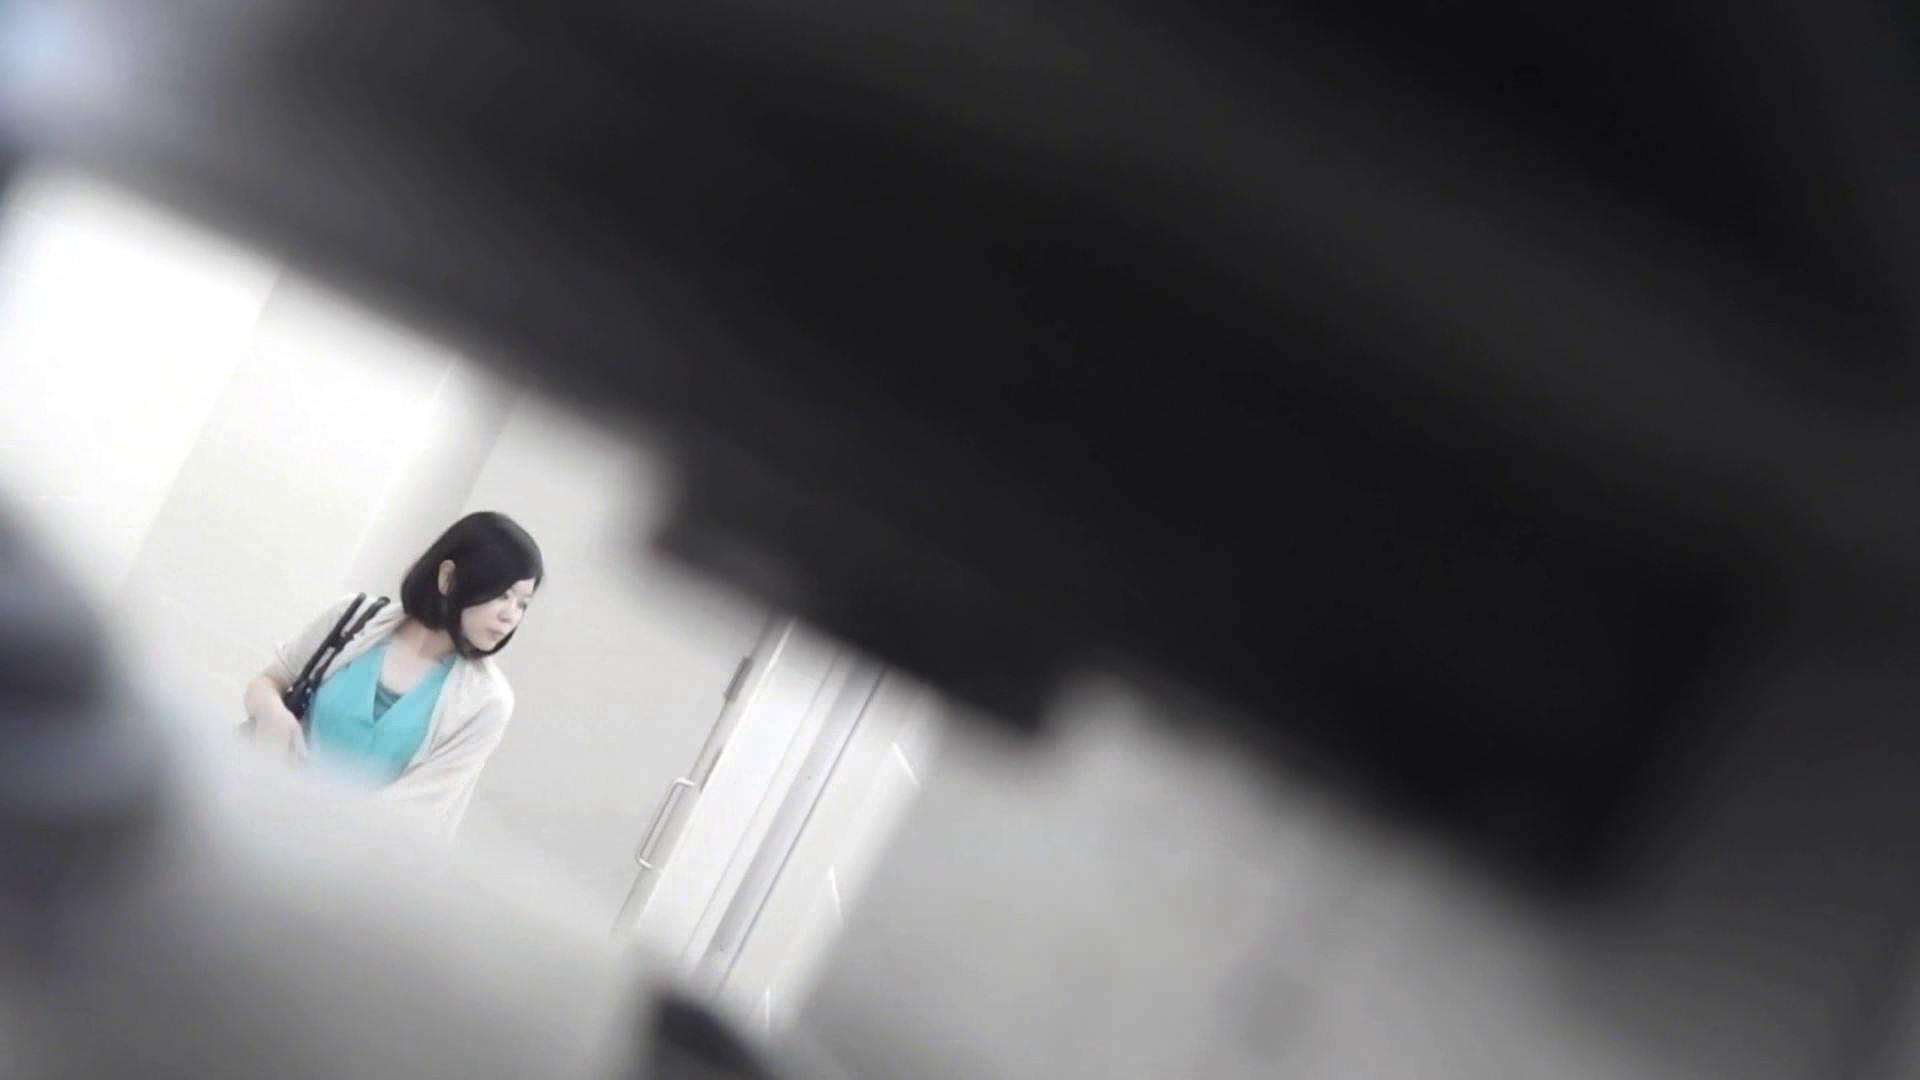 vol.25三十時間潜り、一つしか出会えない完璧桃尻編 byお銀 洗面所のぞき   高画質  106枚 67